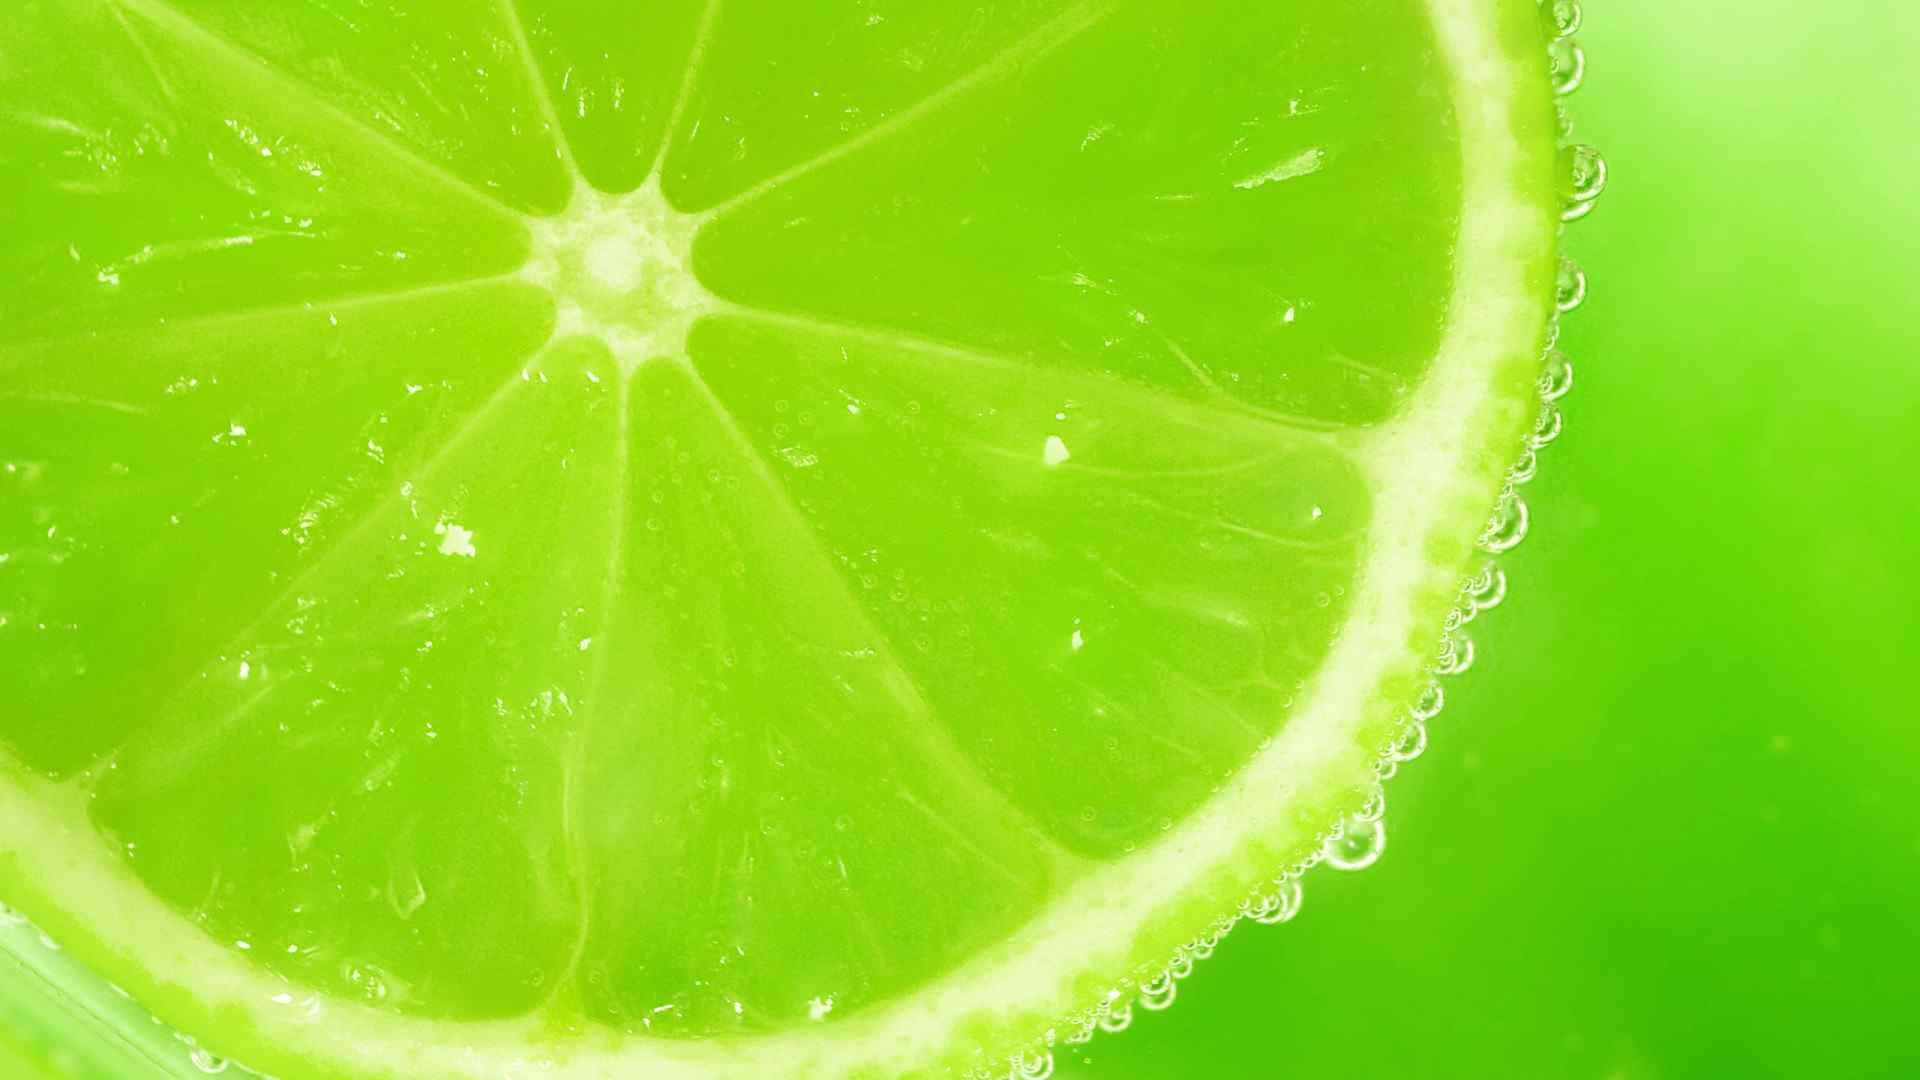 夏日青柠檬小清新高清桌面壁纸